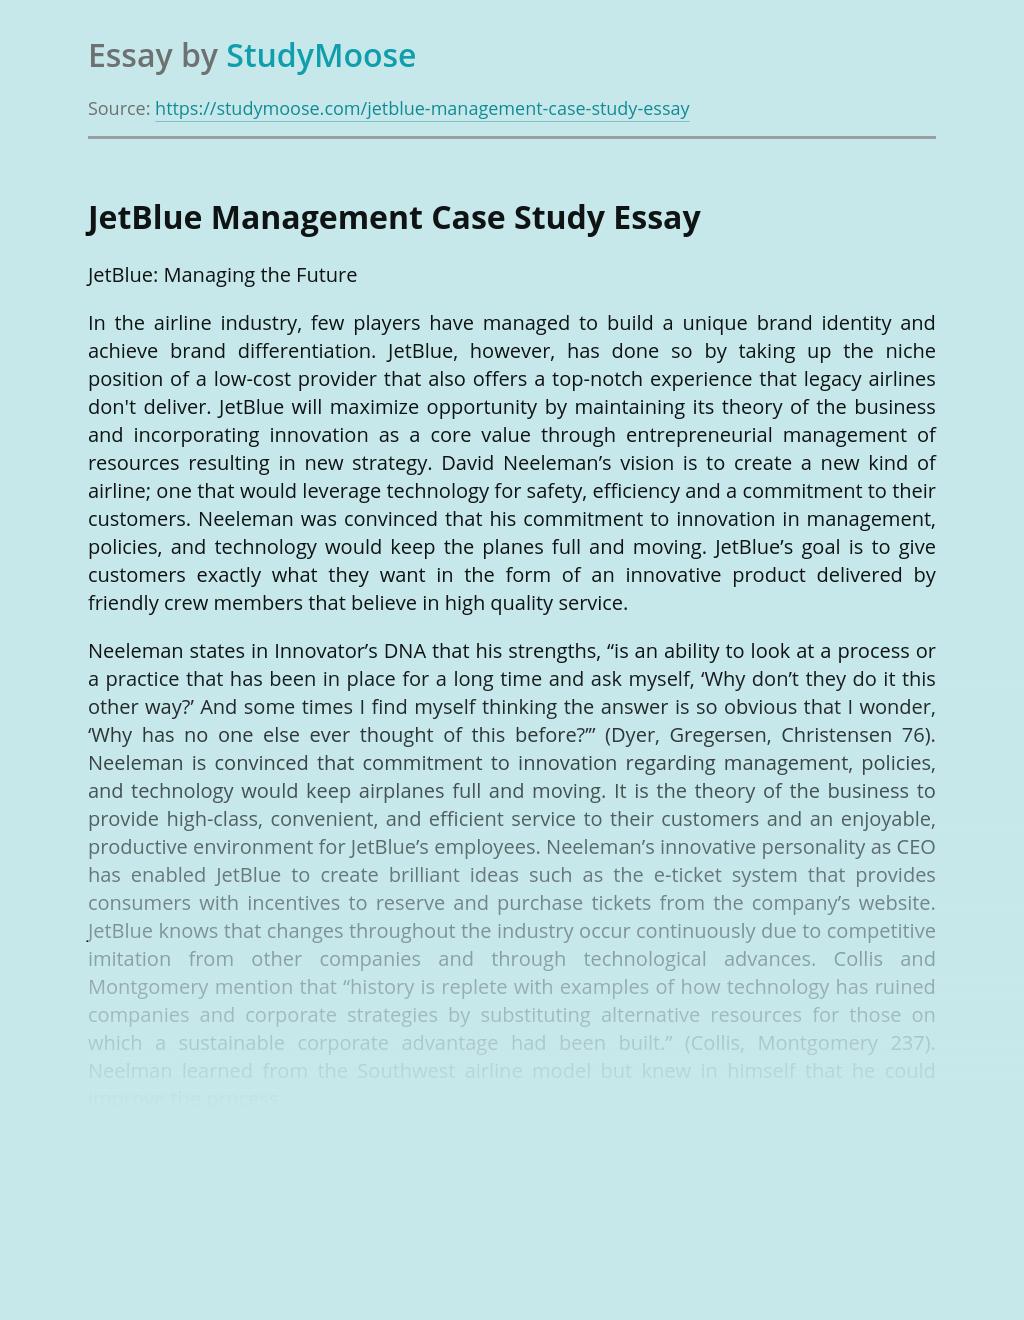 JetBlue Management Case Study